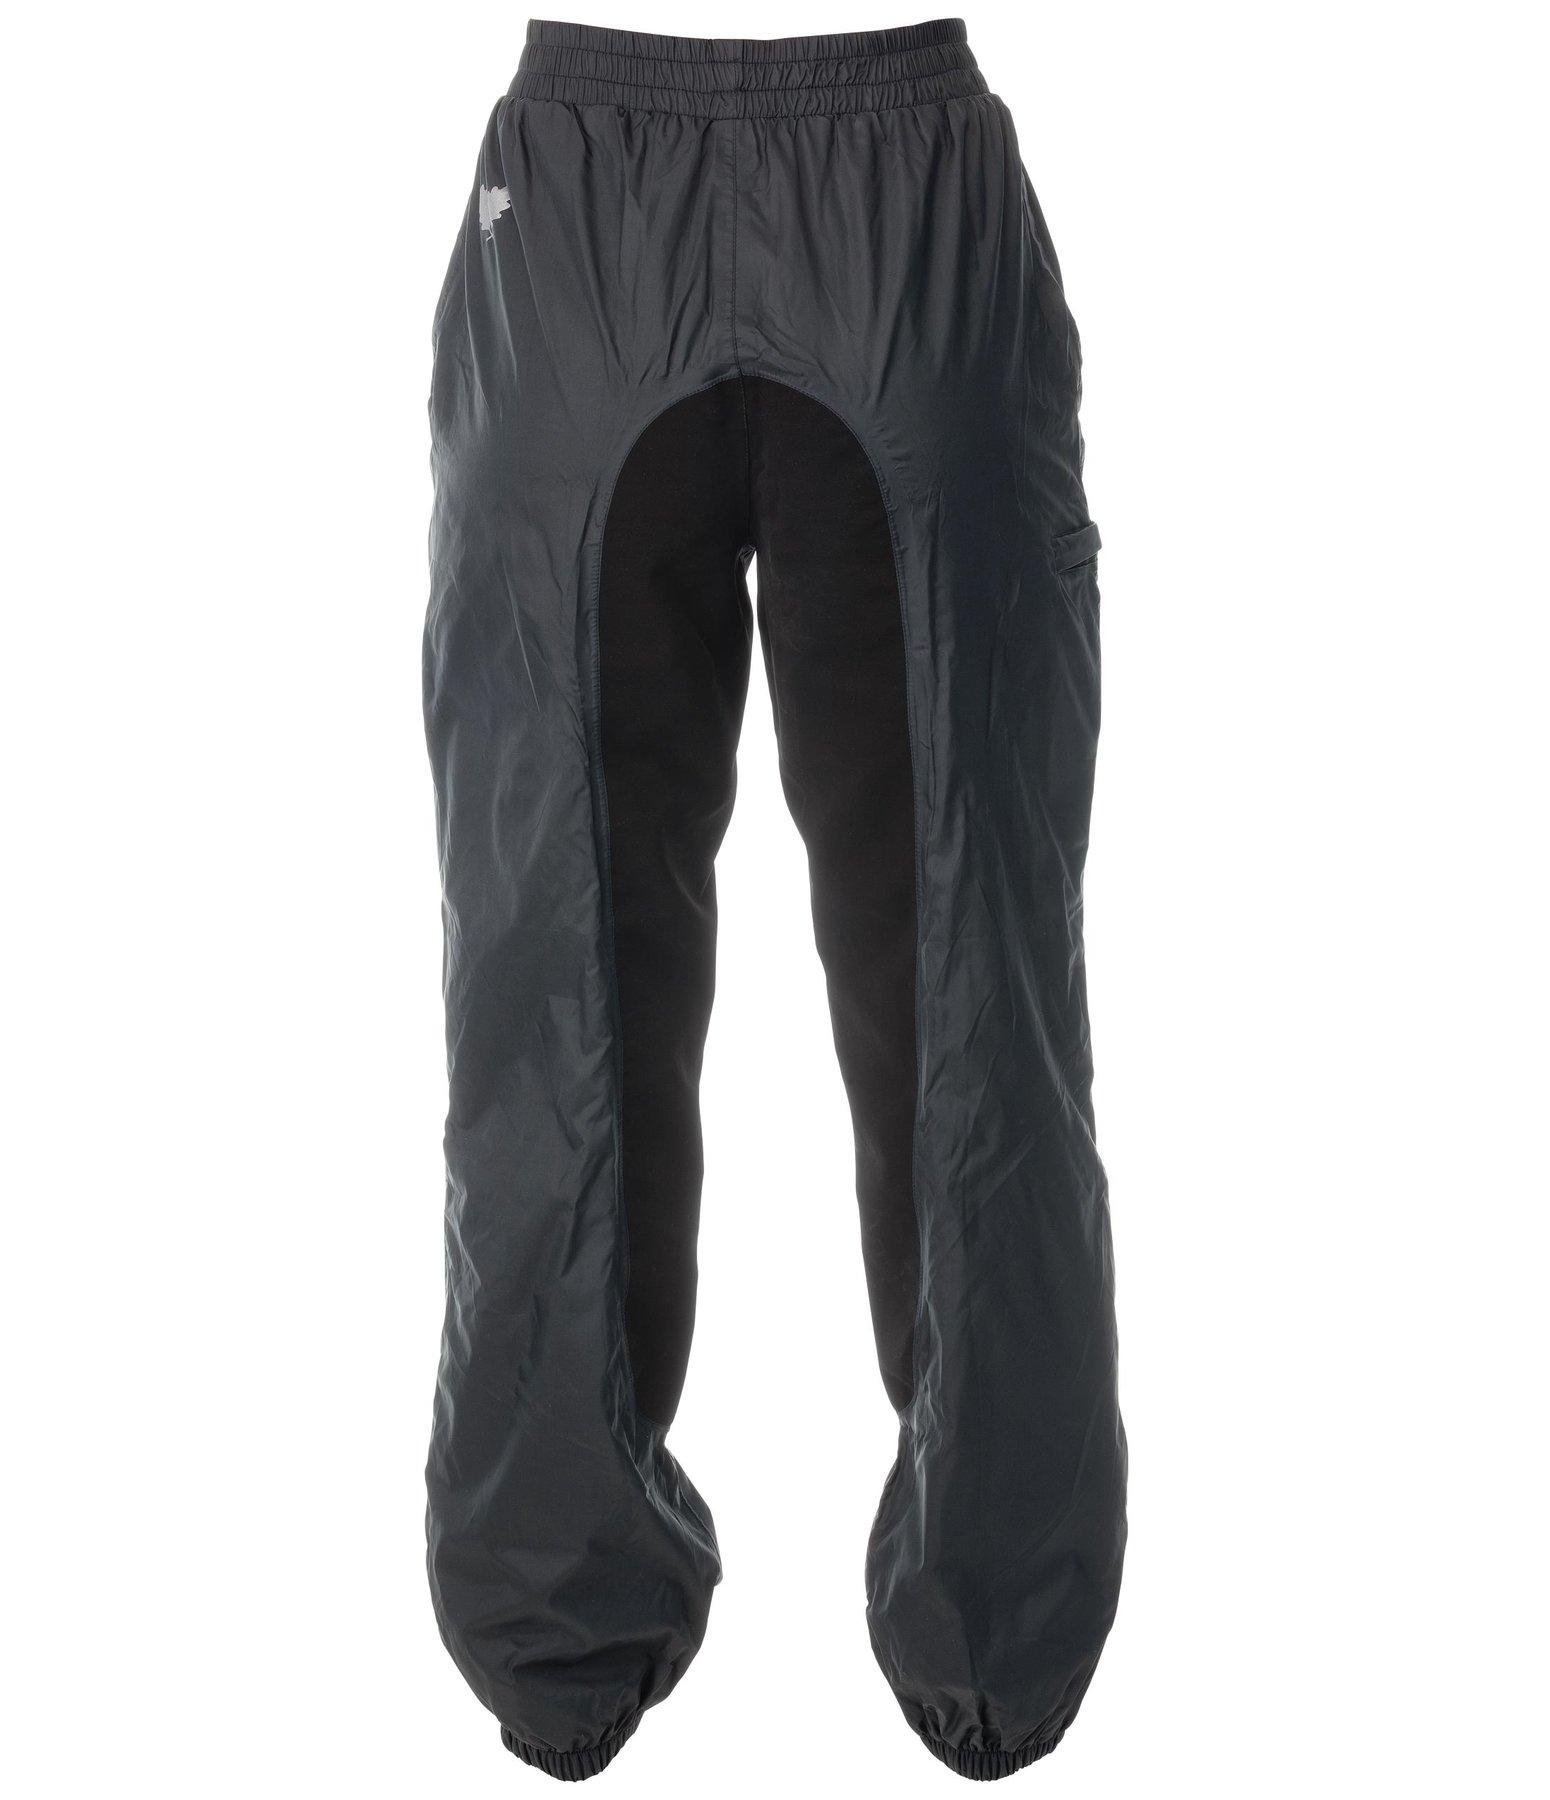 Waterproof Trousers Women S Outerwear Kramer Equestrian